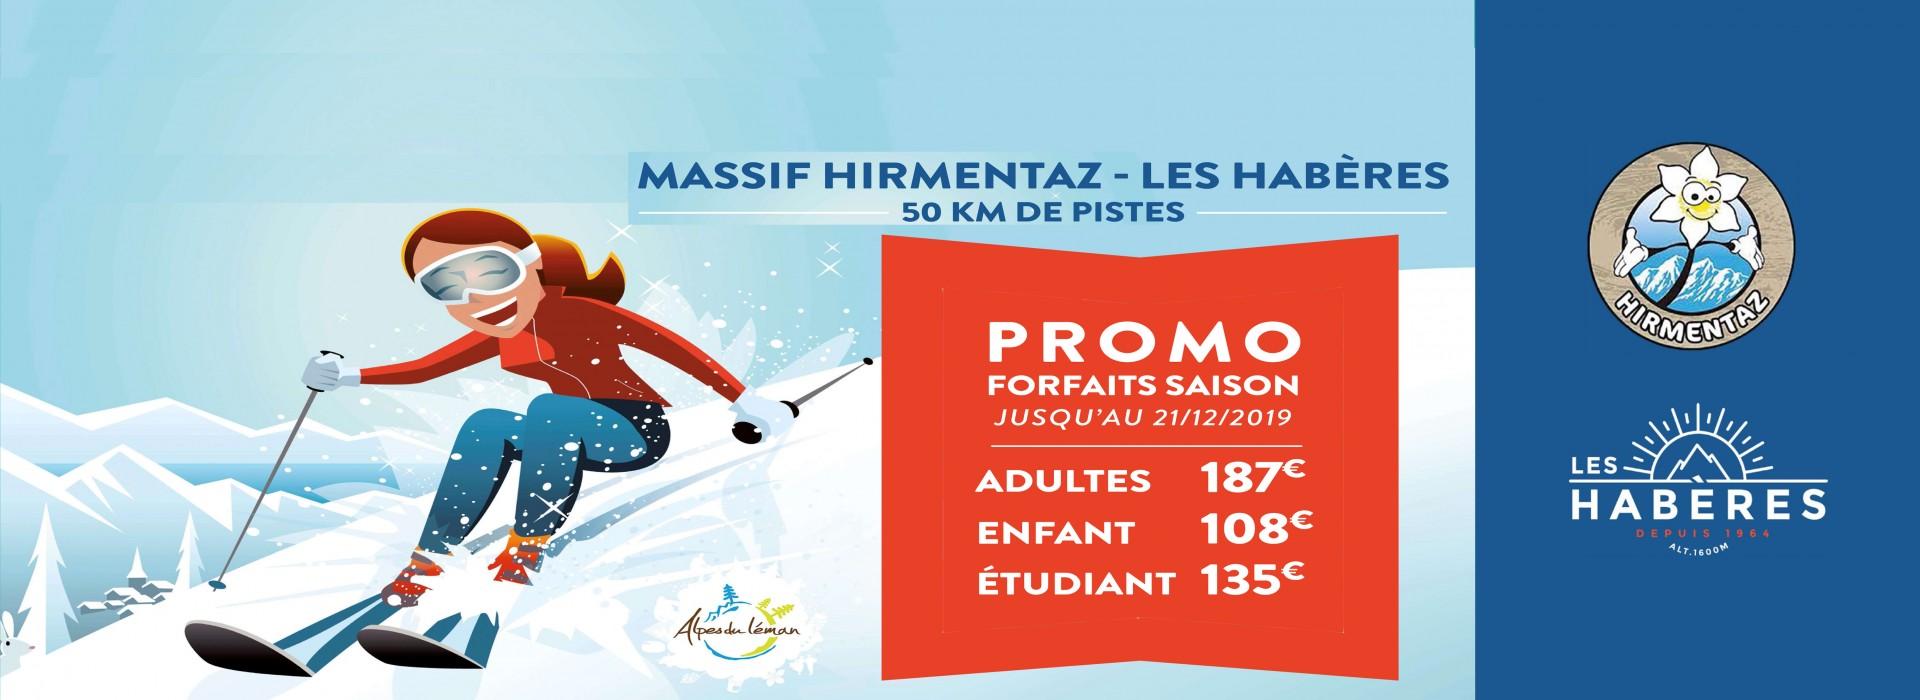 Vente en ligne forfaits tarifs promotionnel Hirmentaz Les Habères hiver 2019-2020